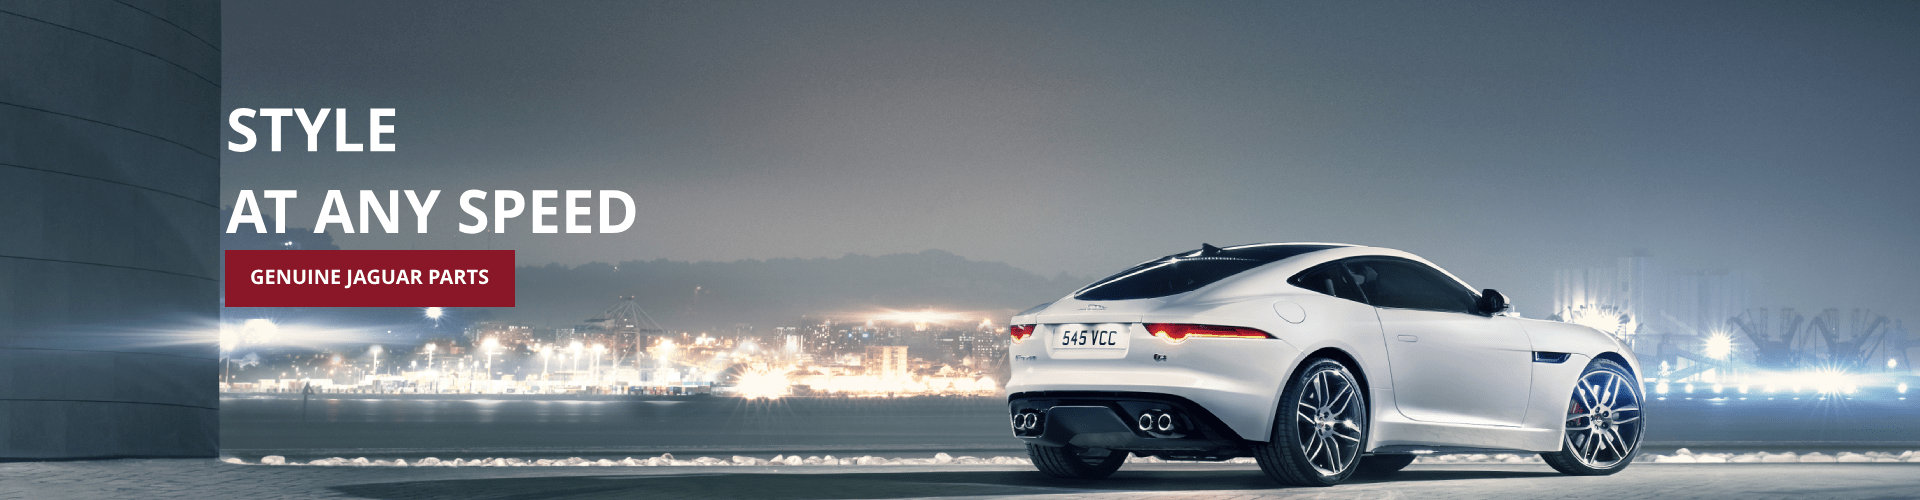 Jaguar Reno Banner 2